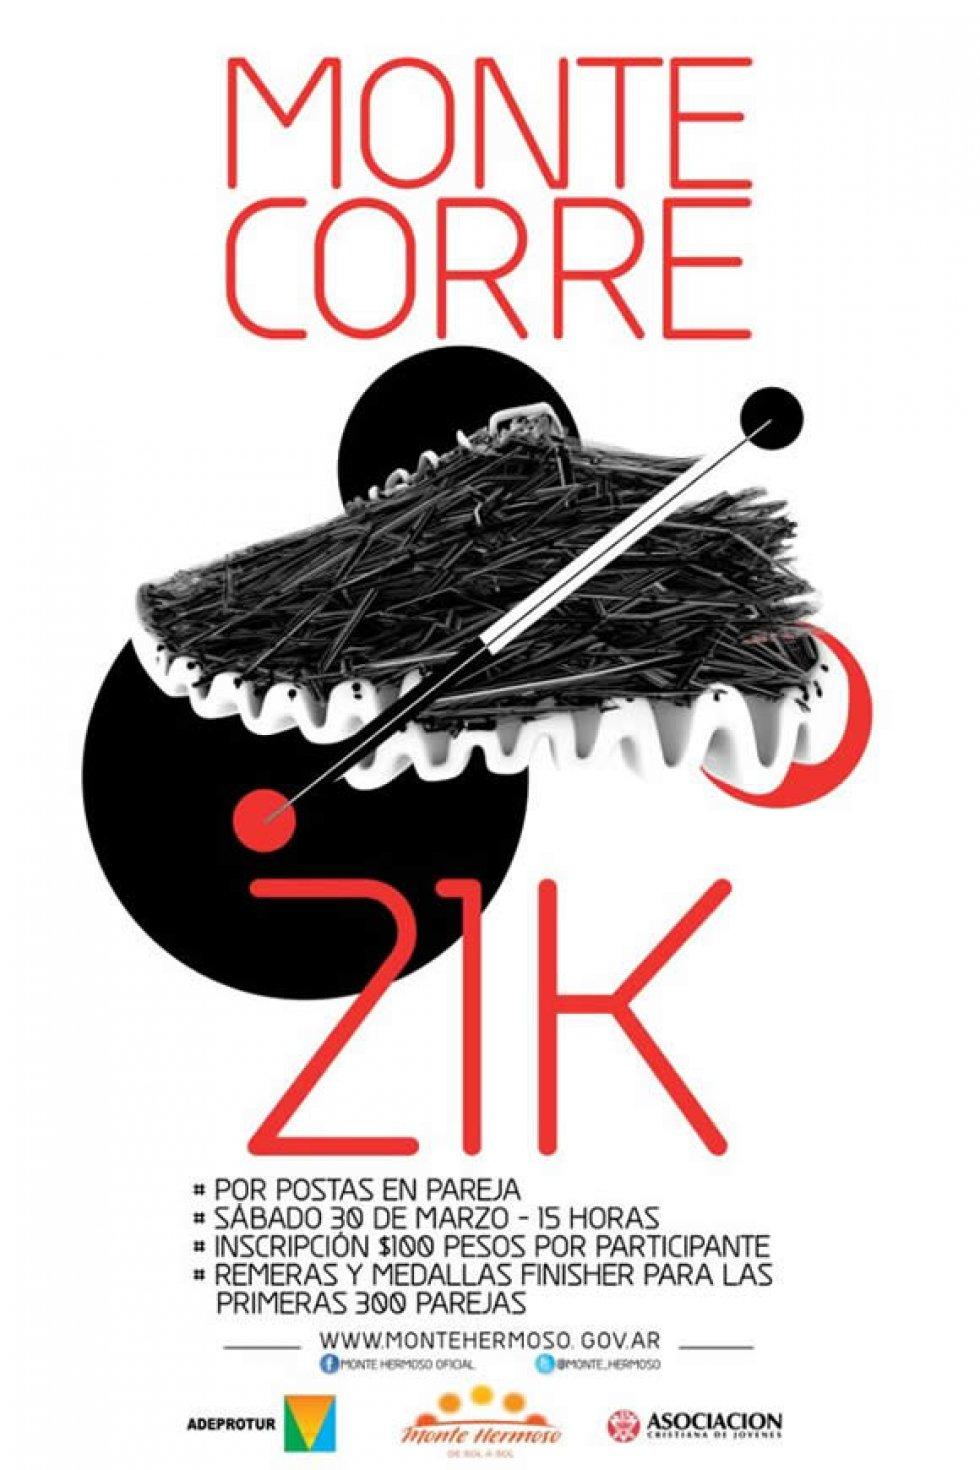 Monte Corre 21k 2013